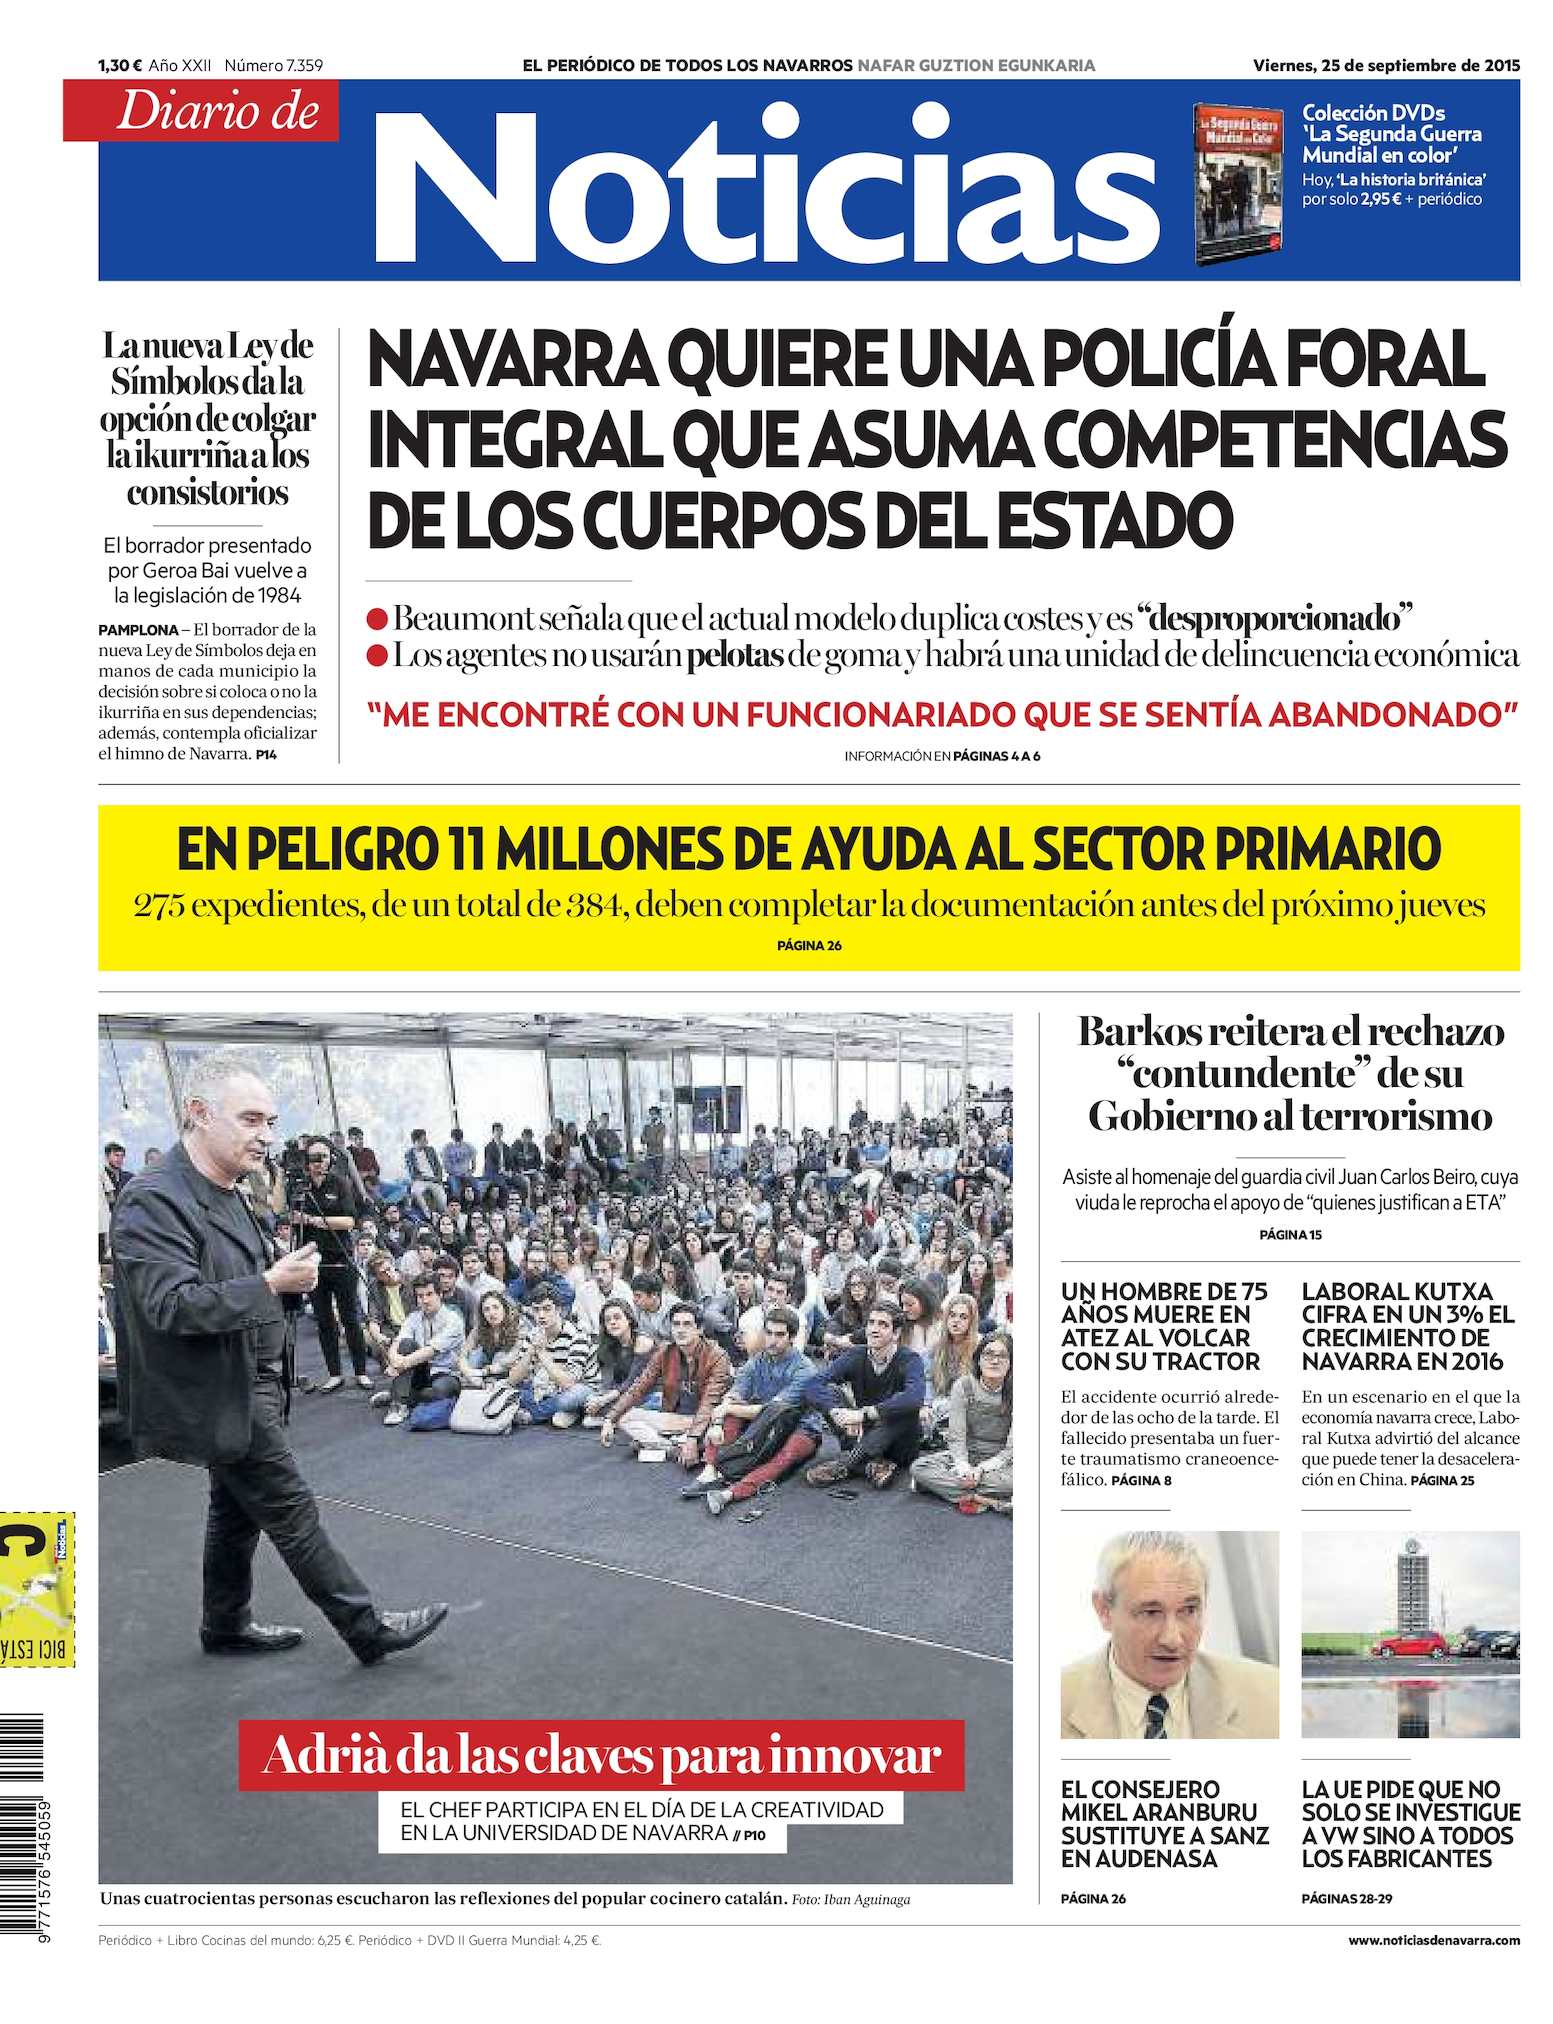 Canales Porno Baile Striptis En Barcelona calaméo - diario de noticias 20150925